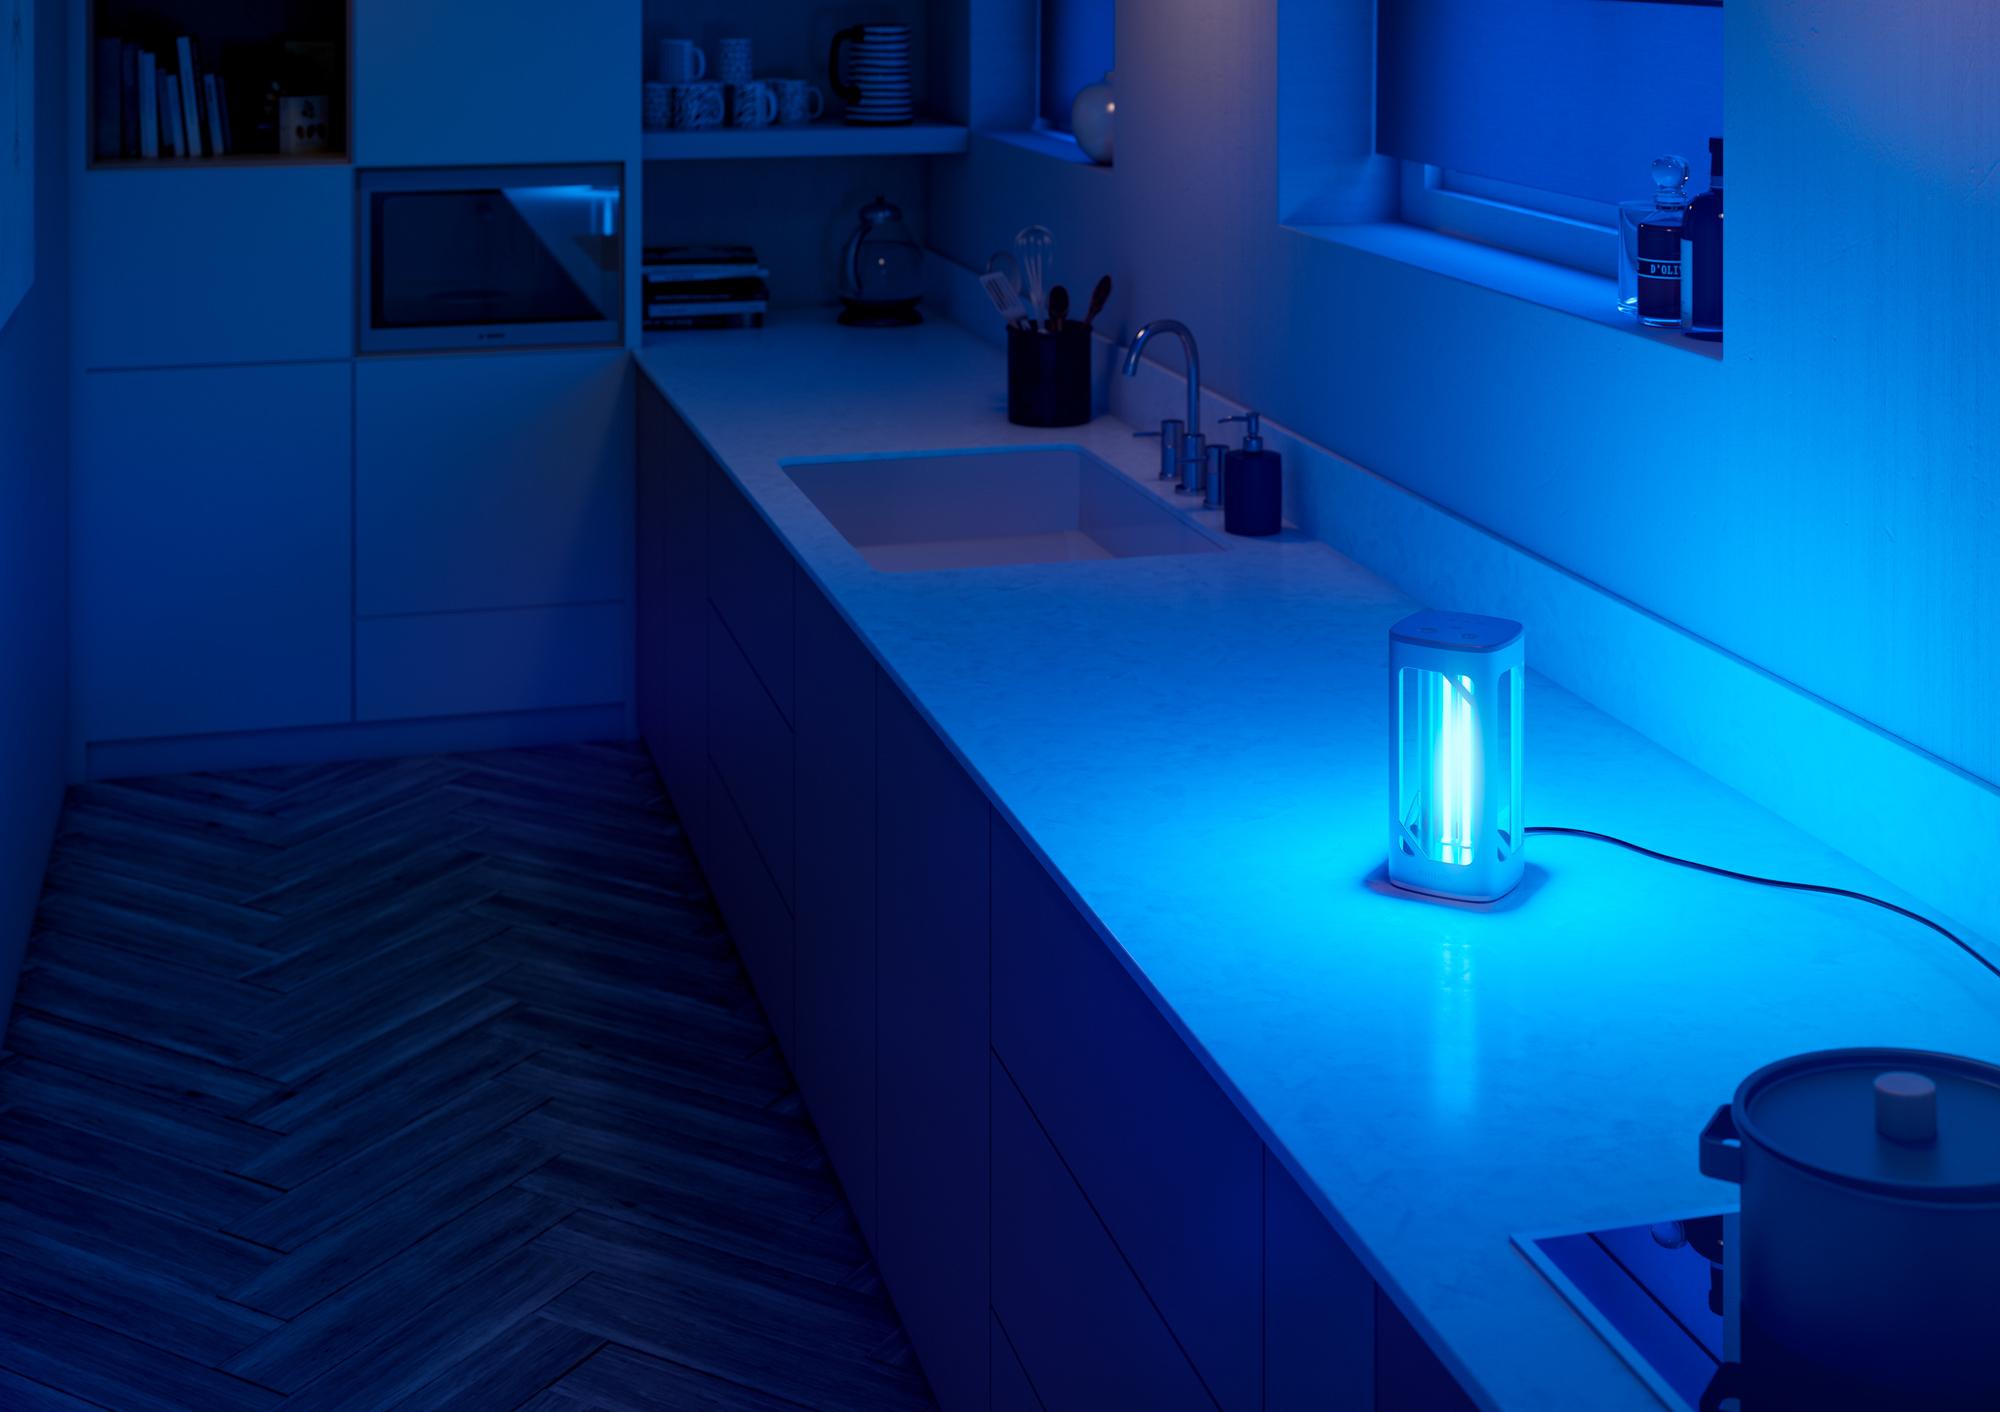 Hueblog: Philips UV-C Desinfektionstischleuchte kostet nur noch 83,99 Euro